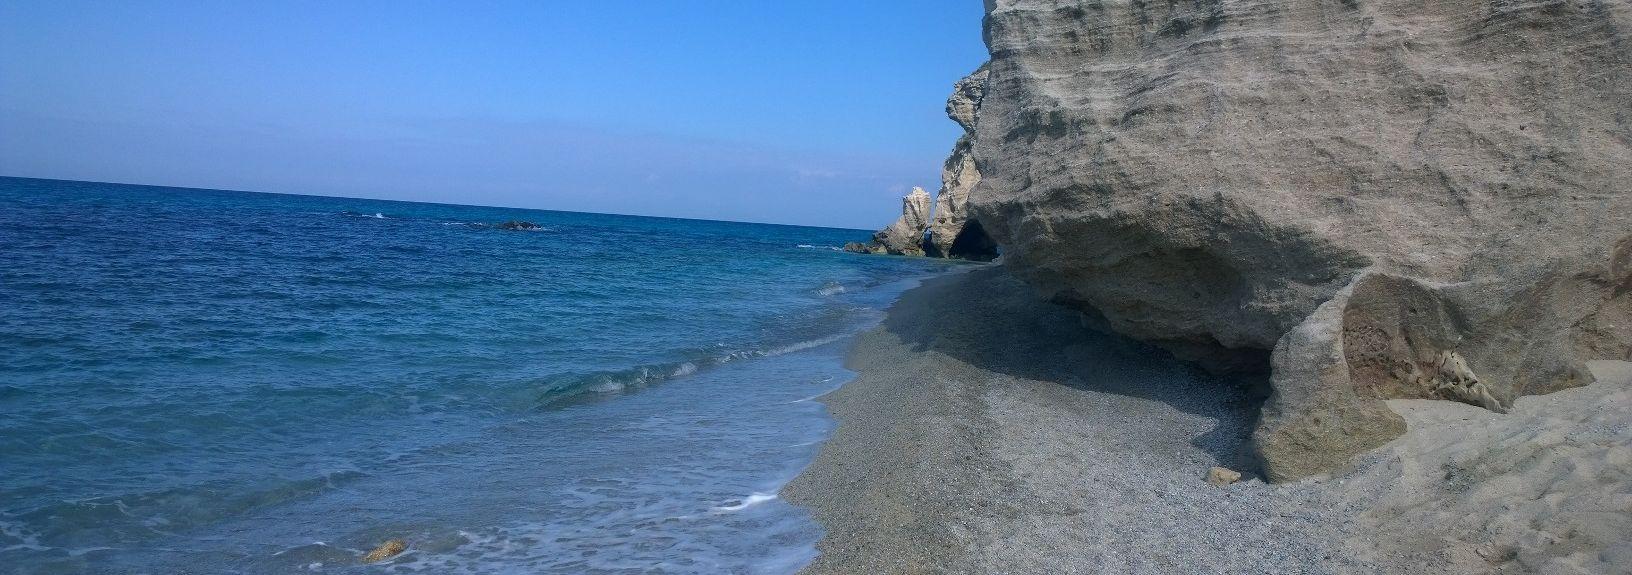 Copanello Beach, Staletti, Italy